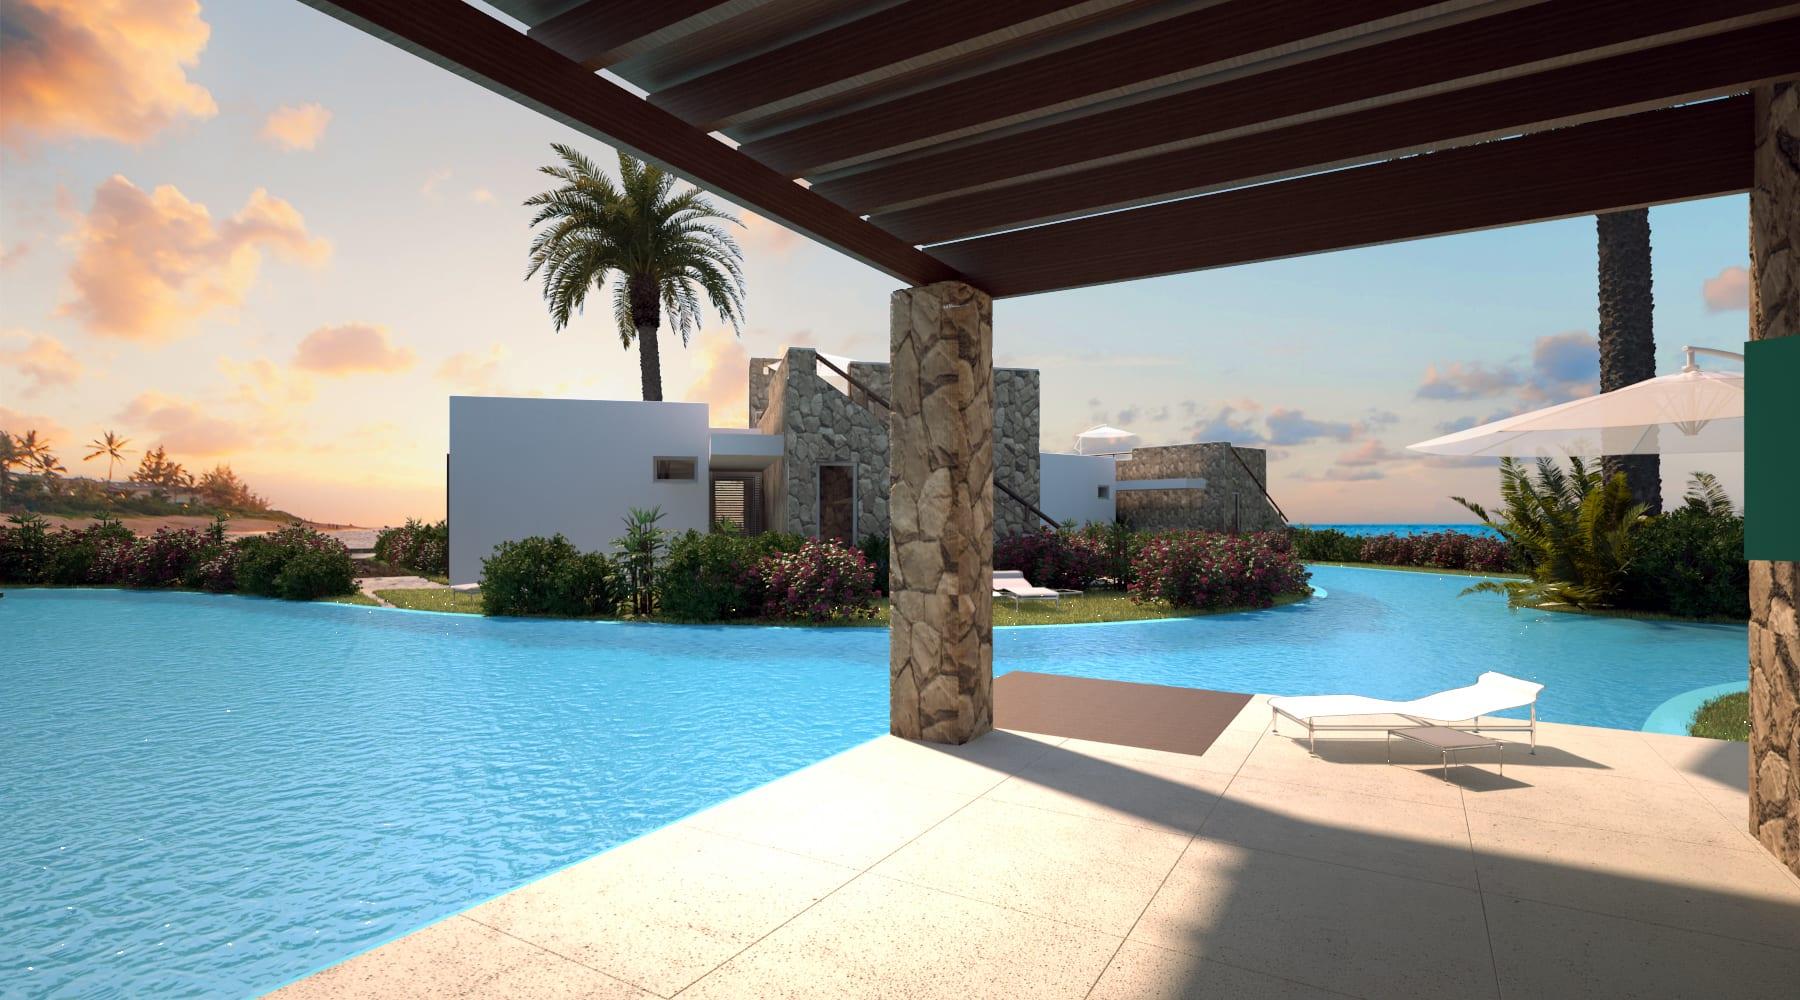 Esentepe'de Marina Üzerinde Satılık 3+1 ve Özel Havuzlu Villalar 8423